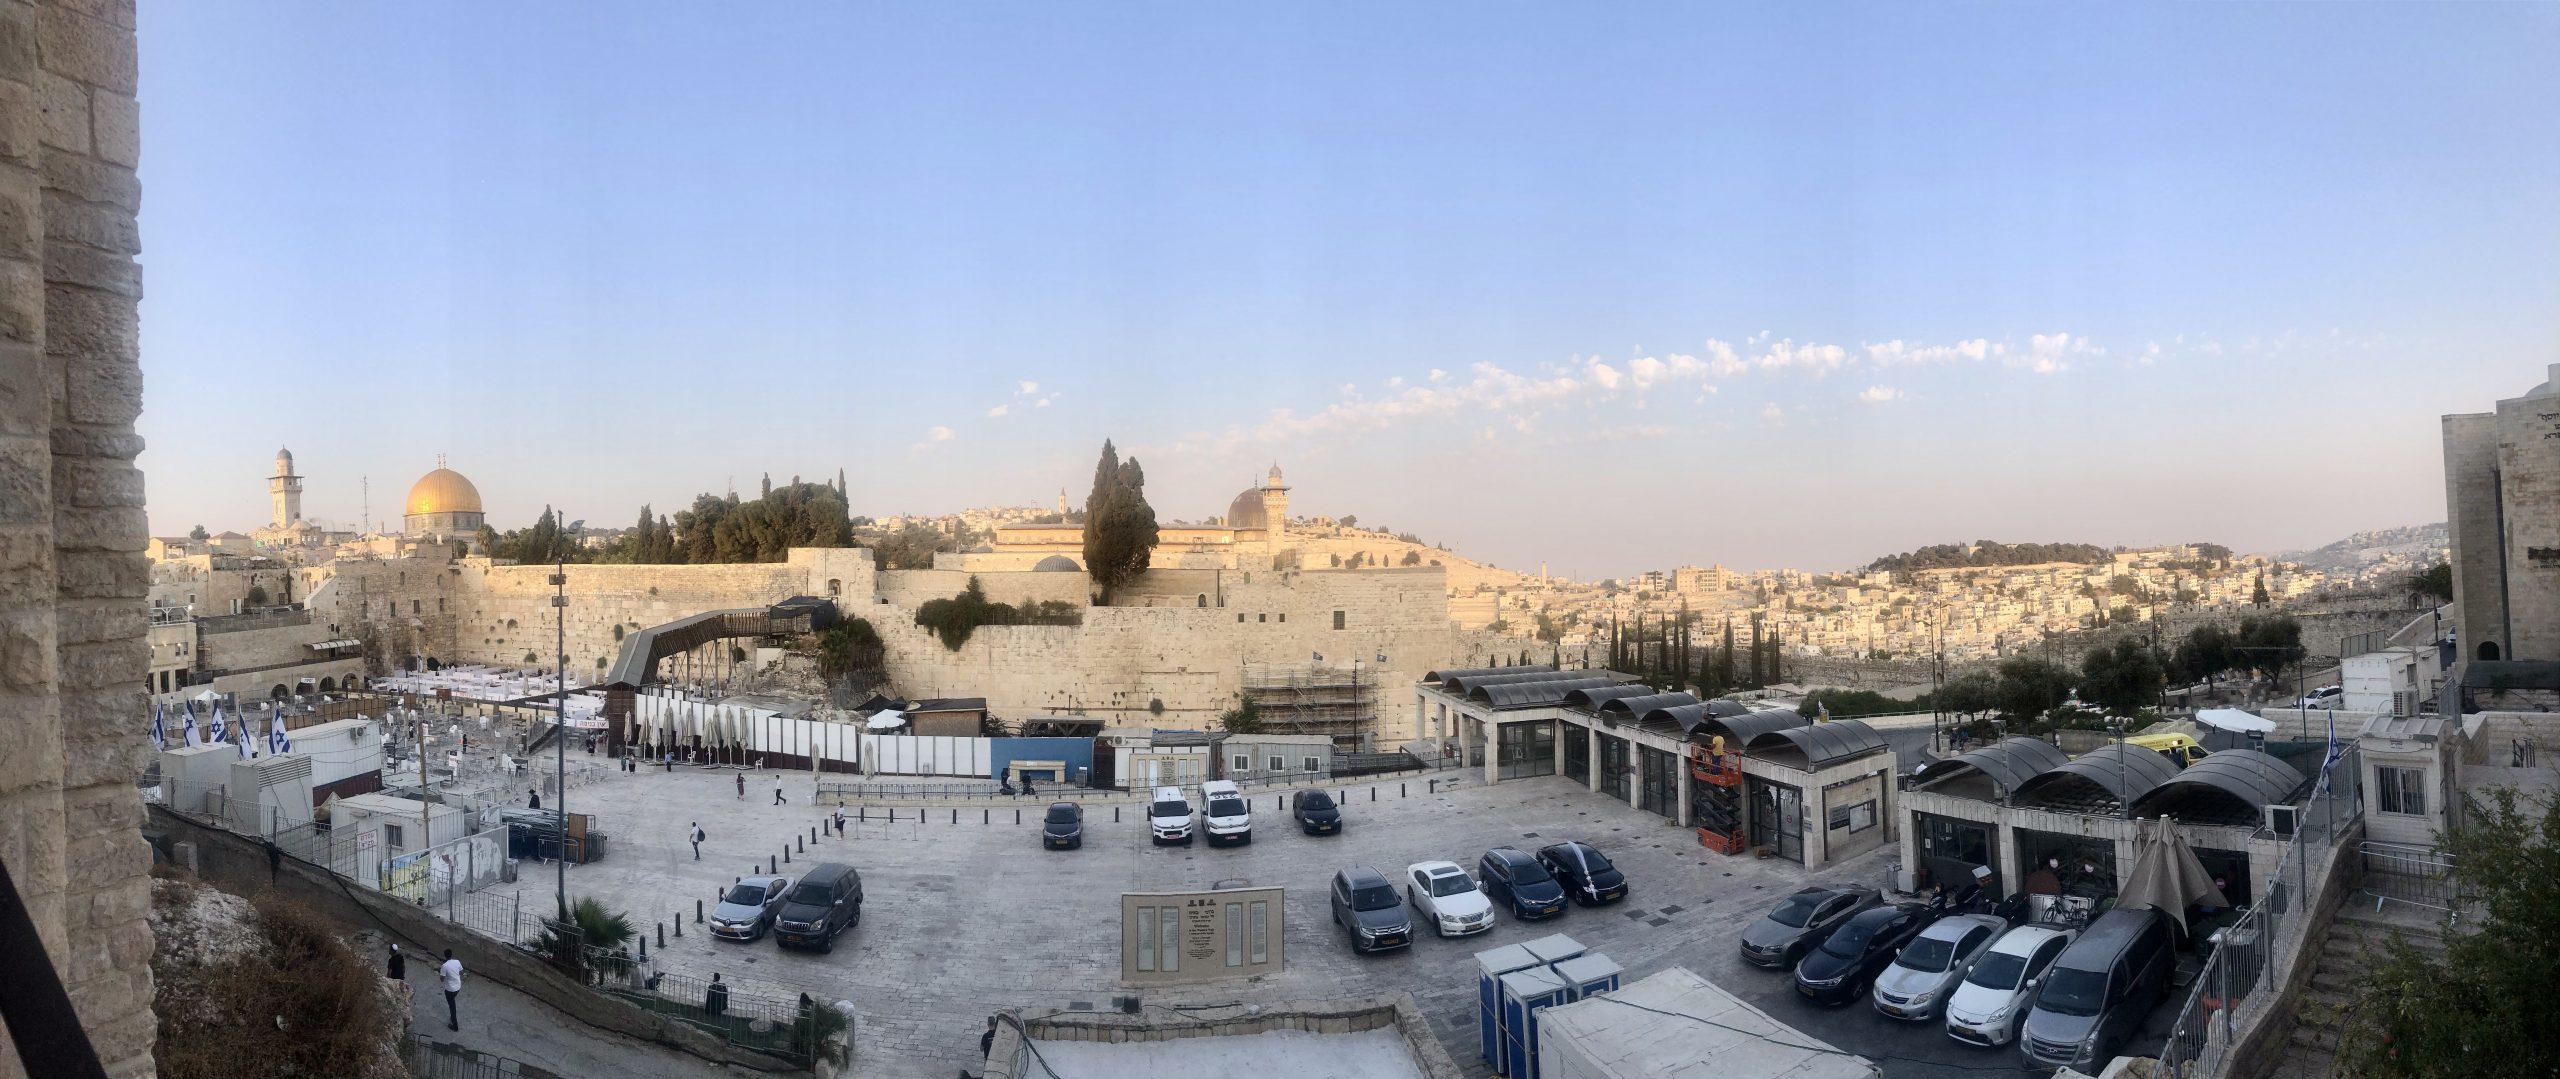 Израиль, туризм: Иерусалим в дни локдауна. Фото Елены Шафран